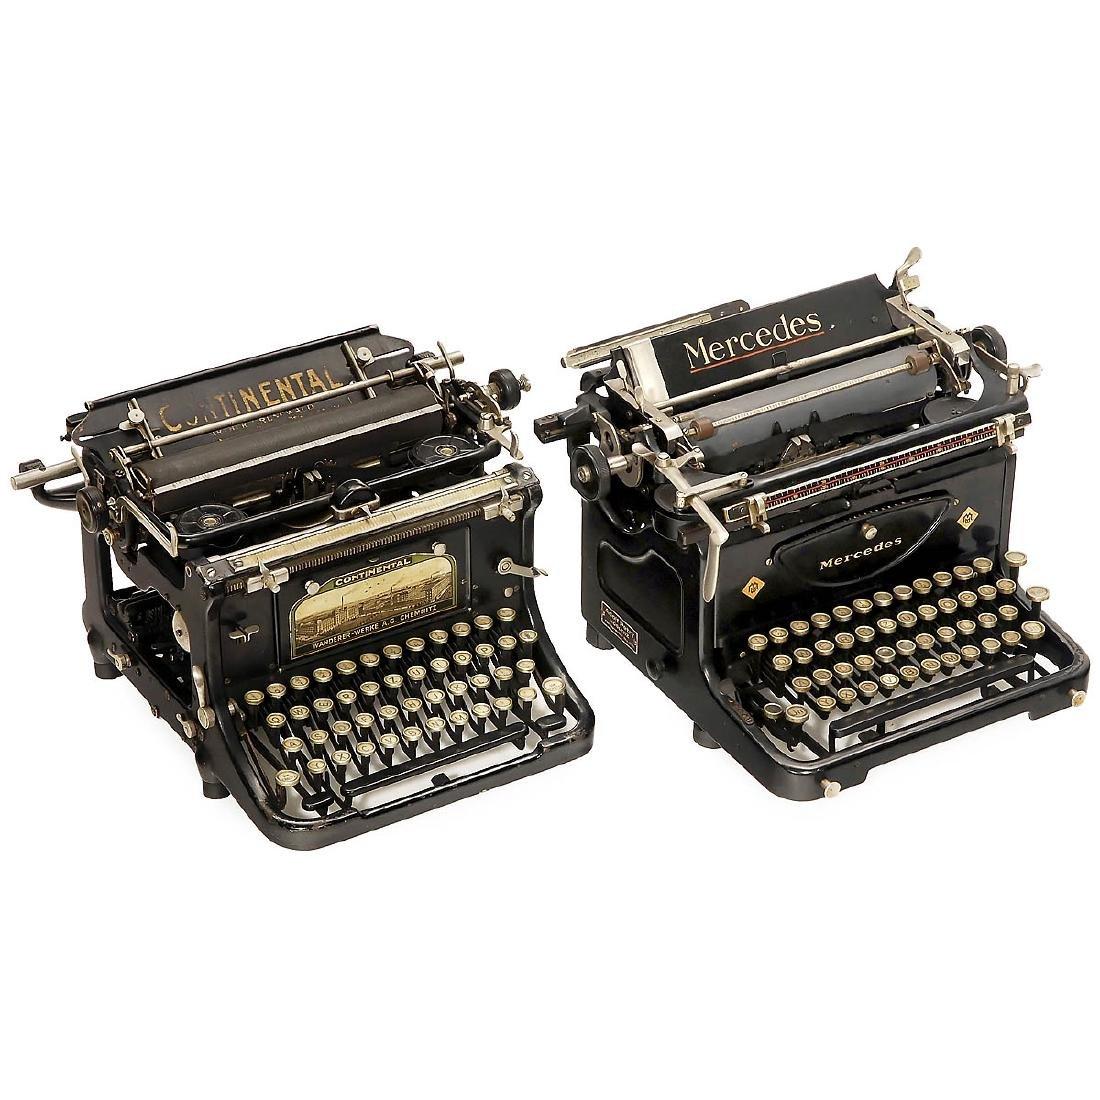 5 Typewriters - 2